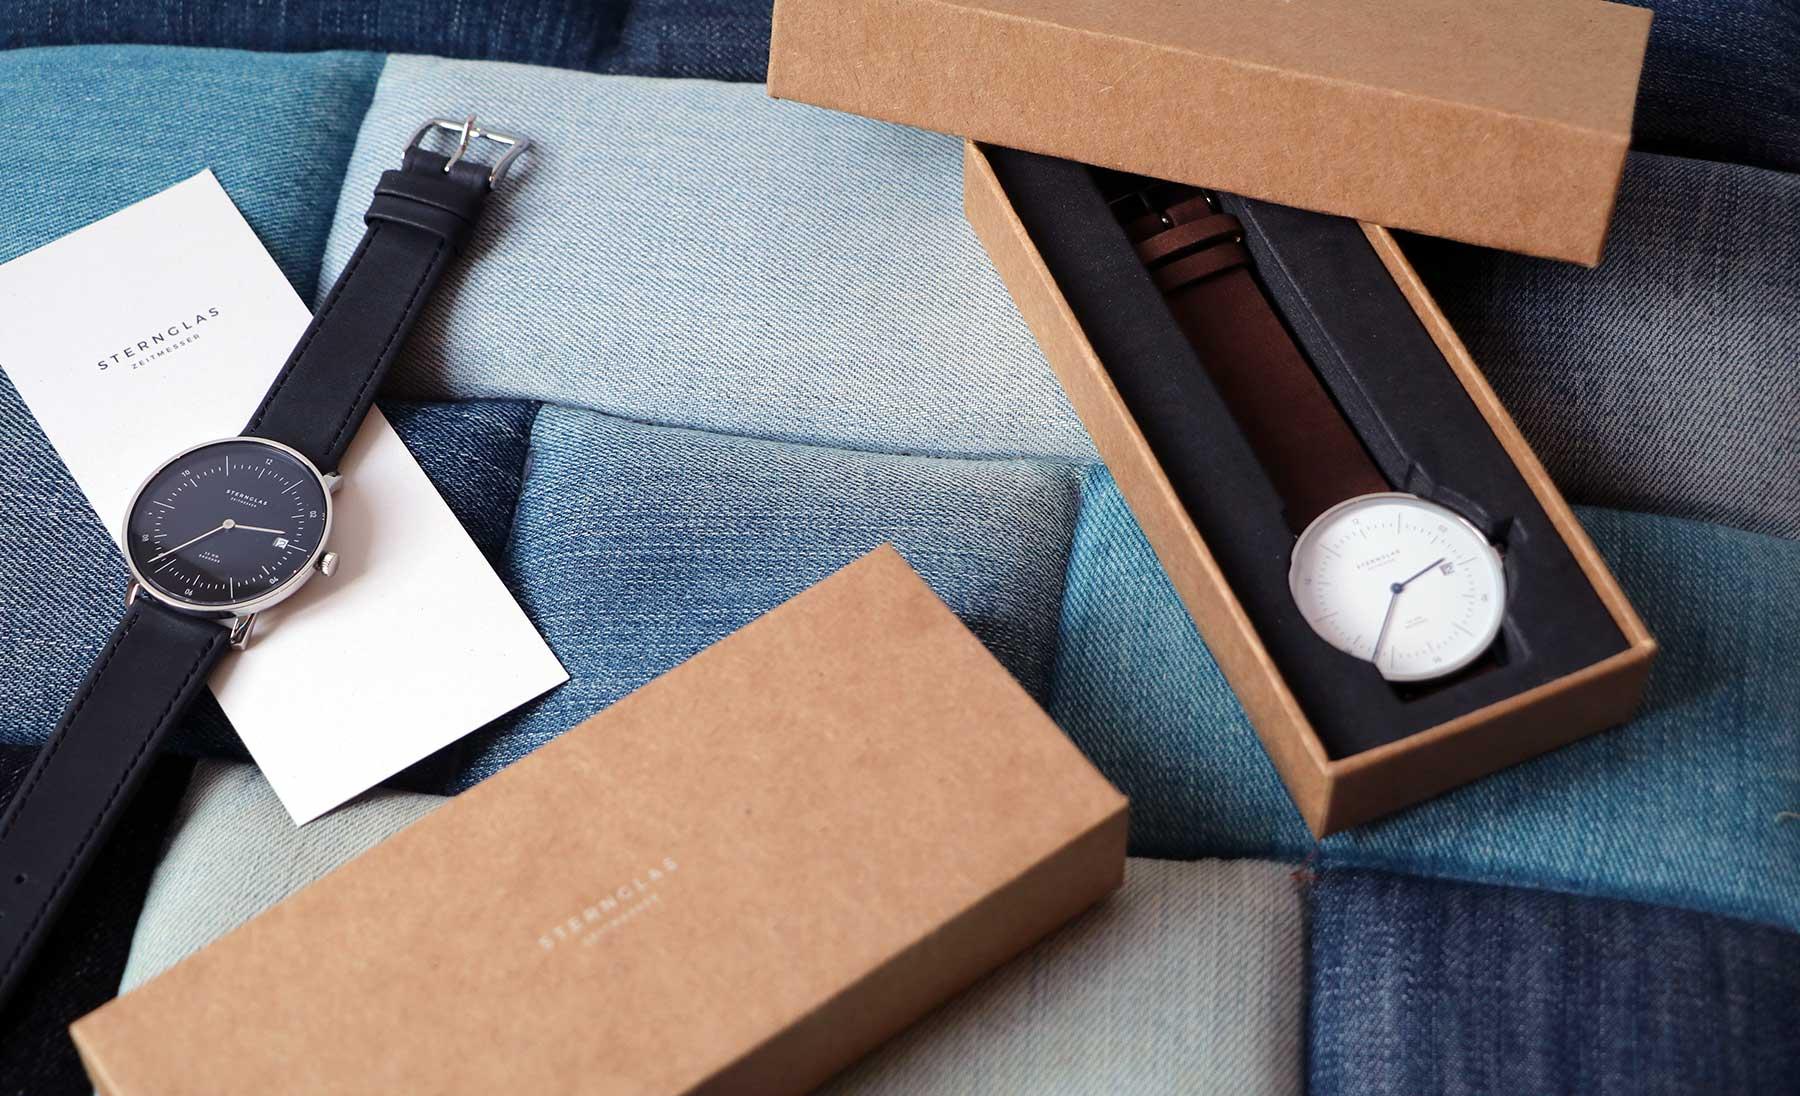 Die neuen Bauhaus-Uhren von STERNGLAS im Test: NAOS Sternglas-NAOS-Uhr-Test_02